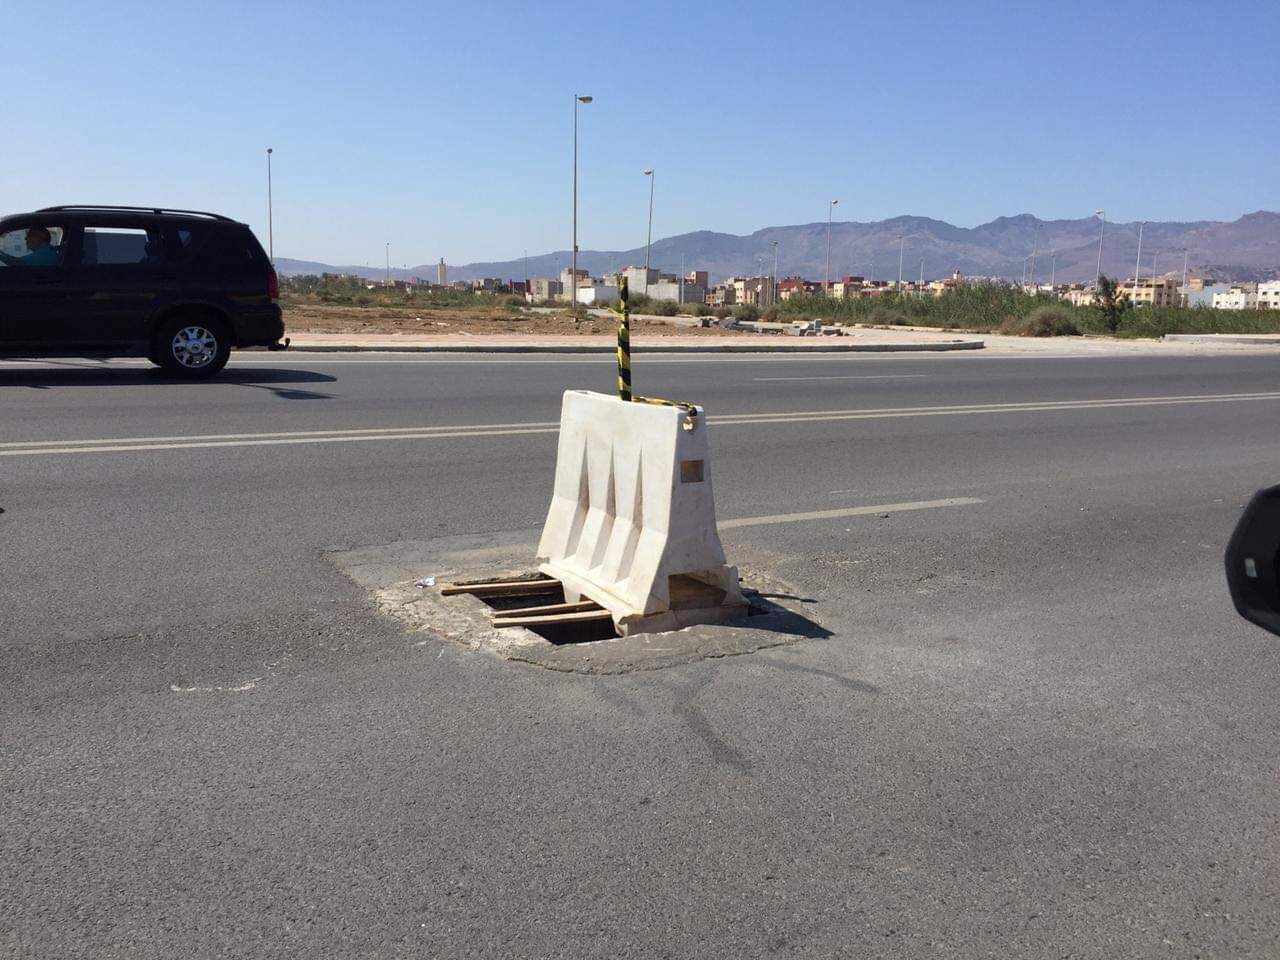 ناشط يحتج على البنية الطرقية المهترئة في الناظور بطريقة مثيرة